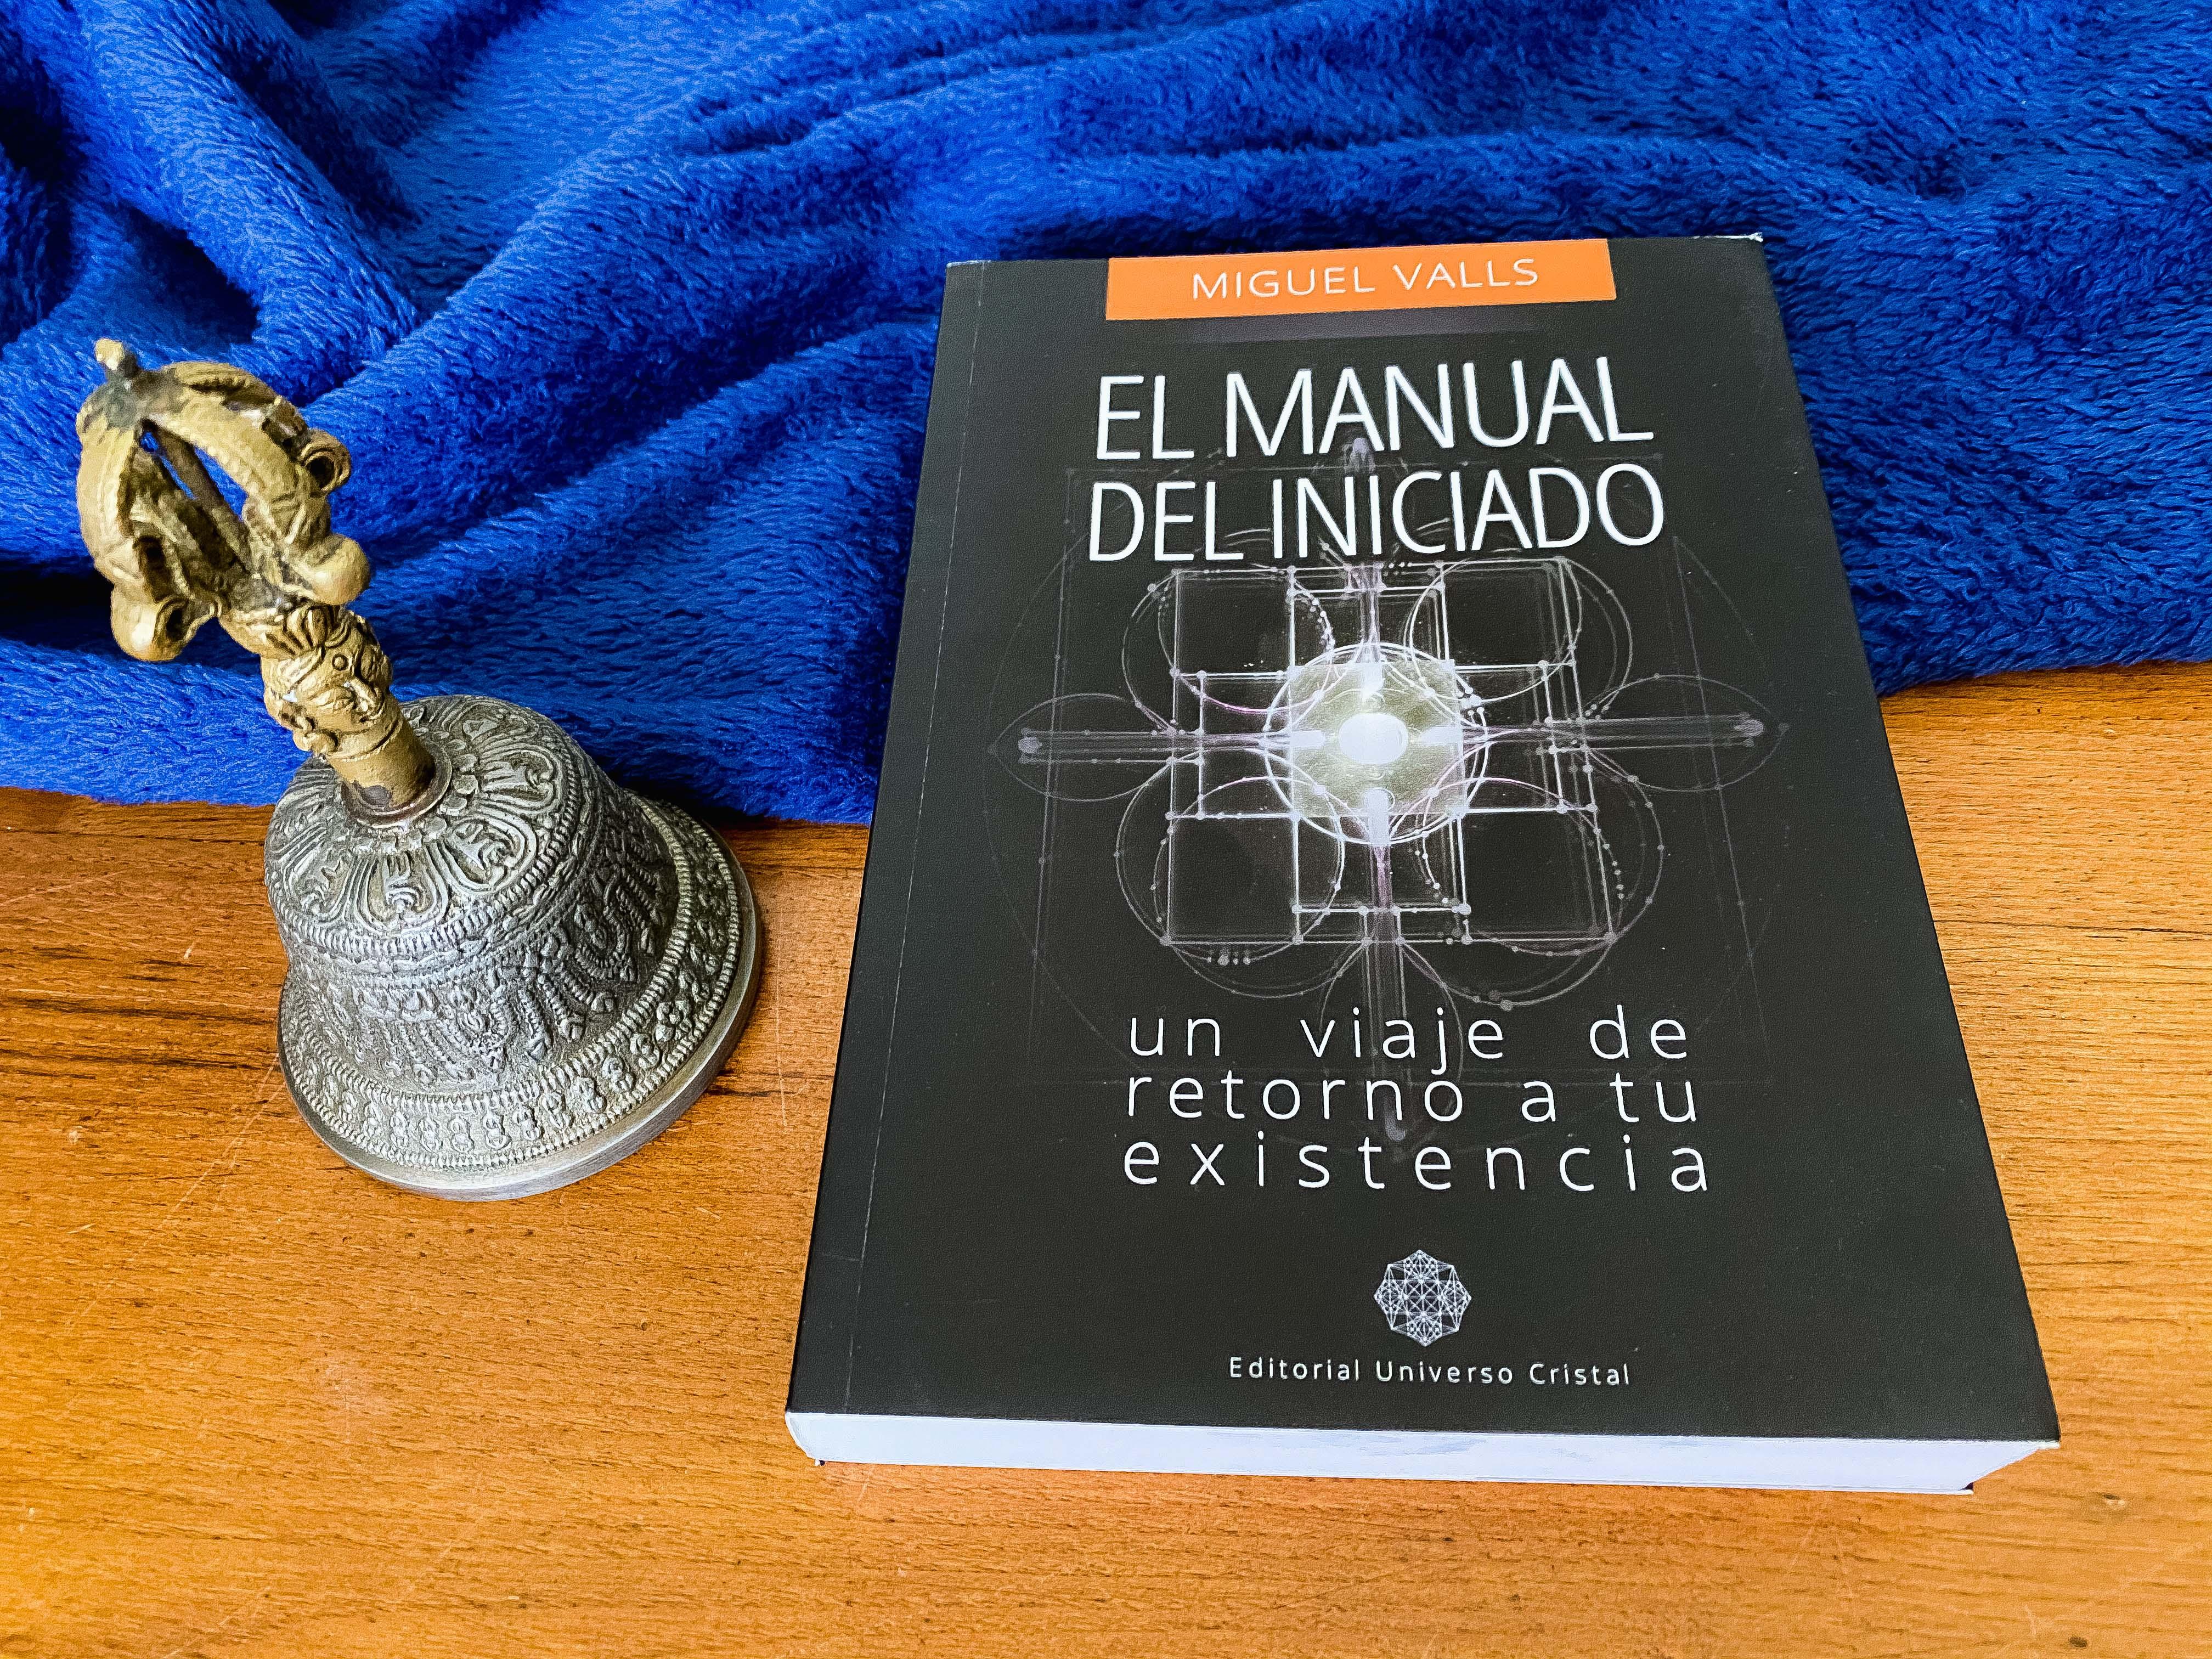 el manual del iniciado miguel valls pdf